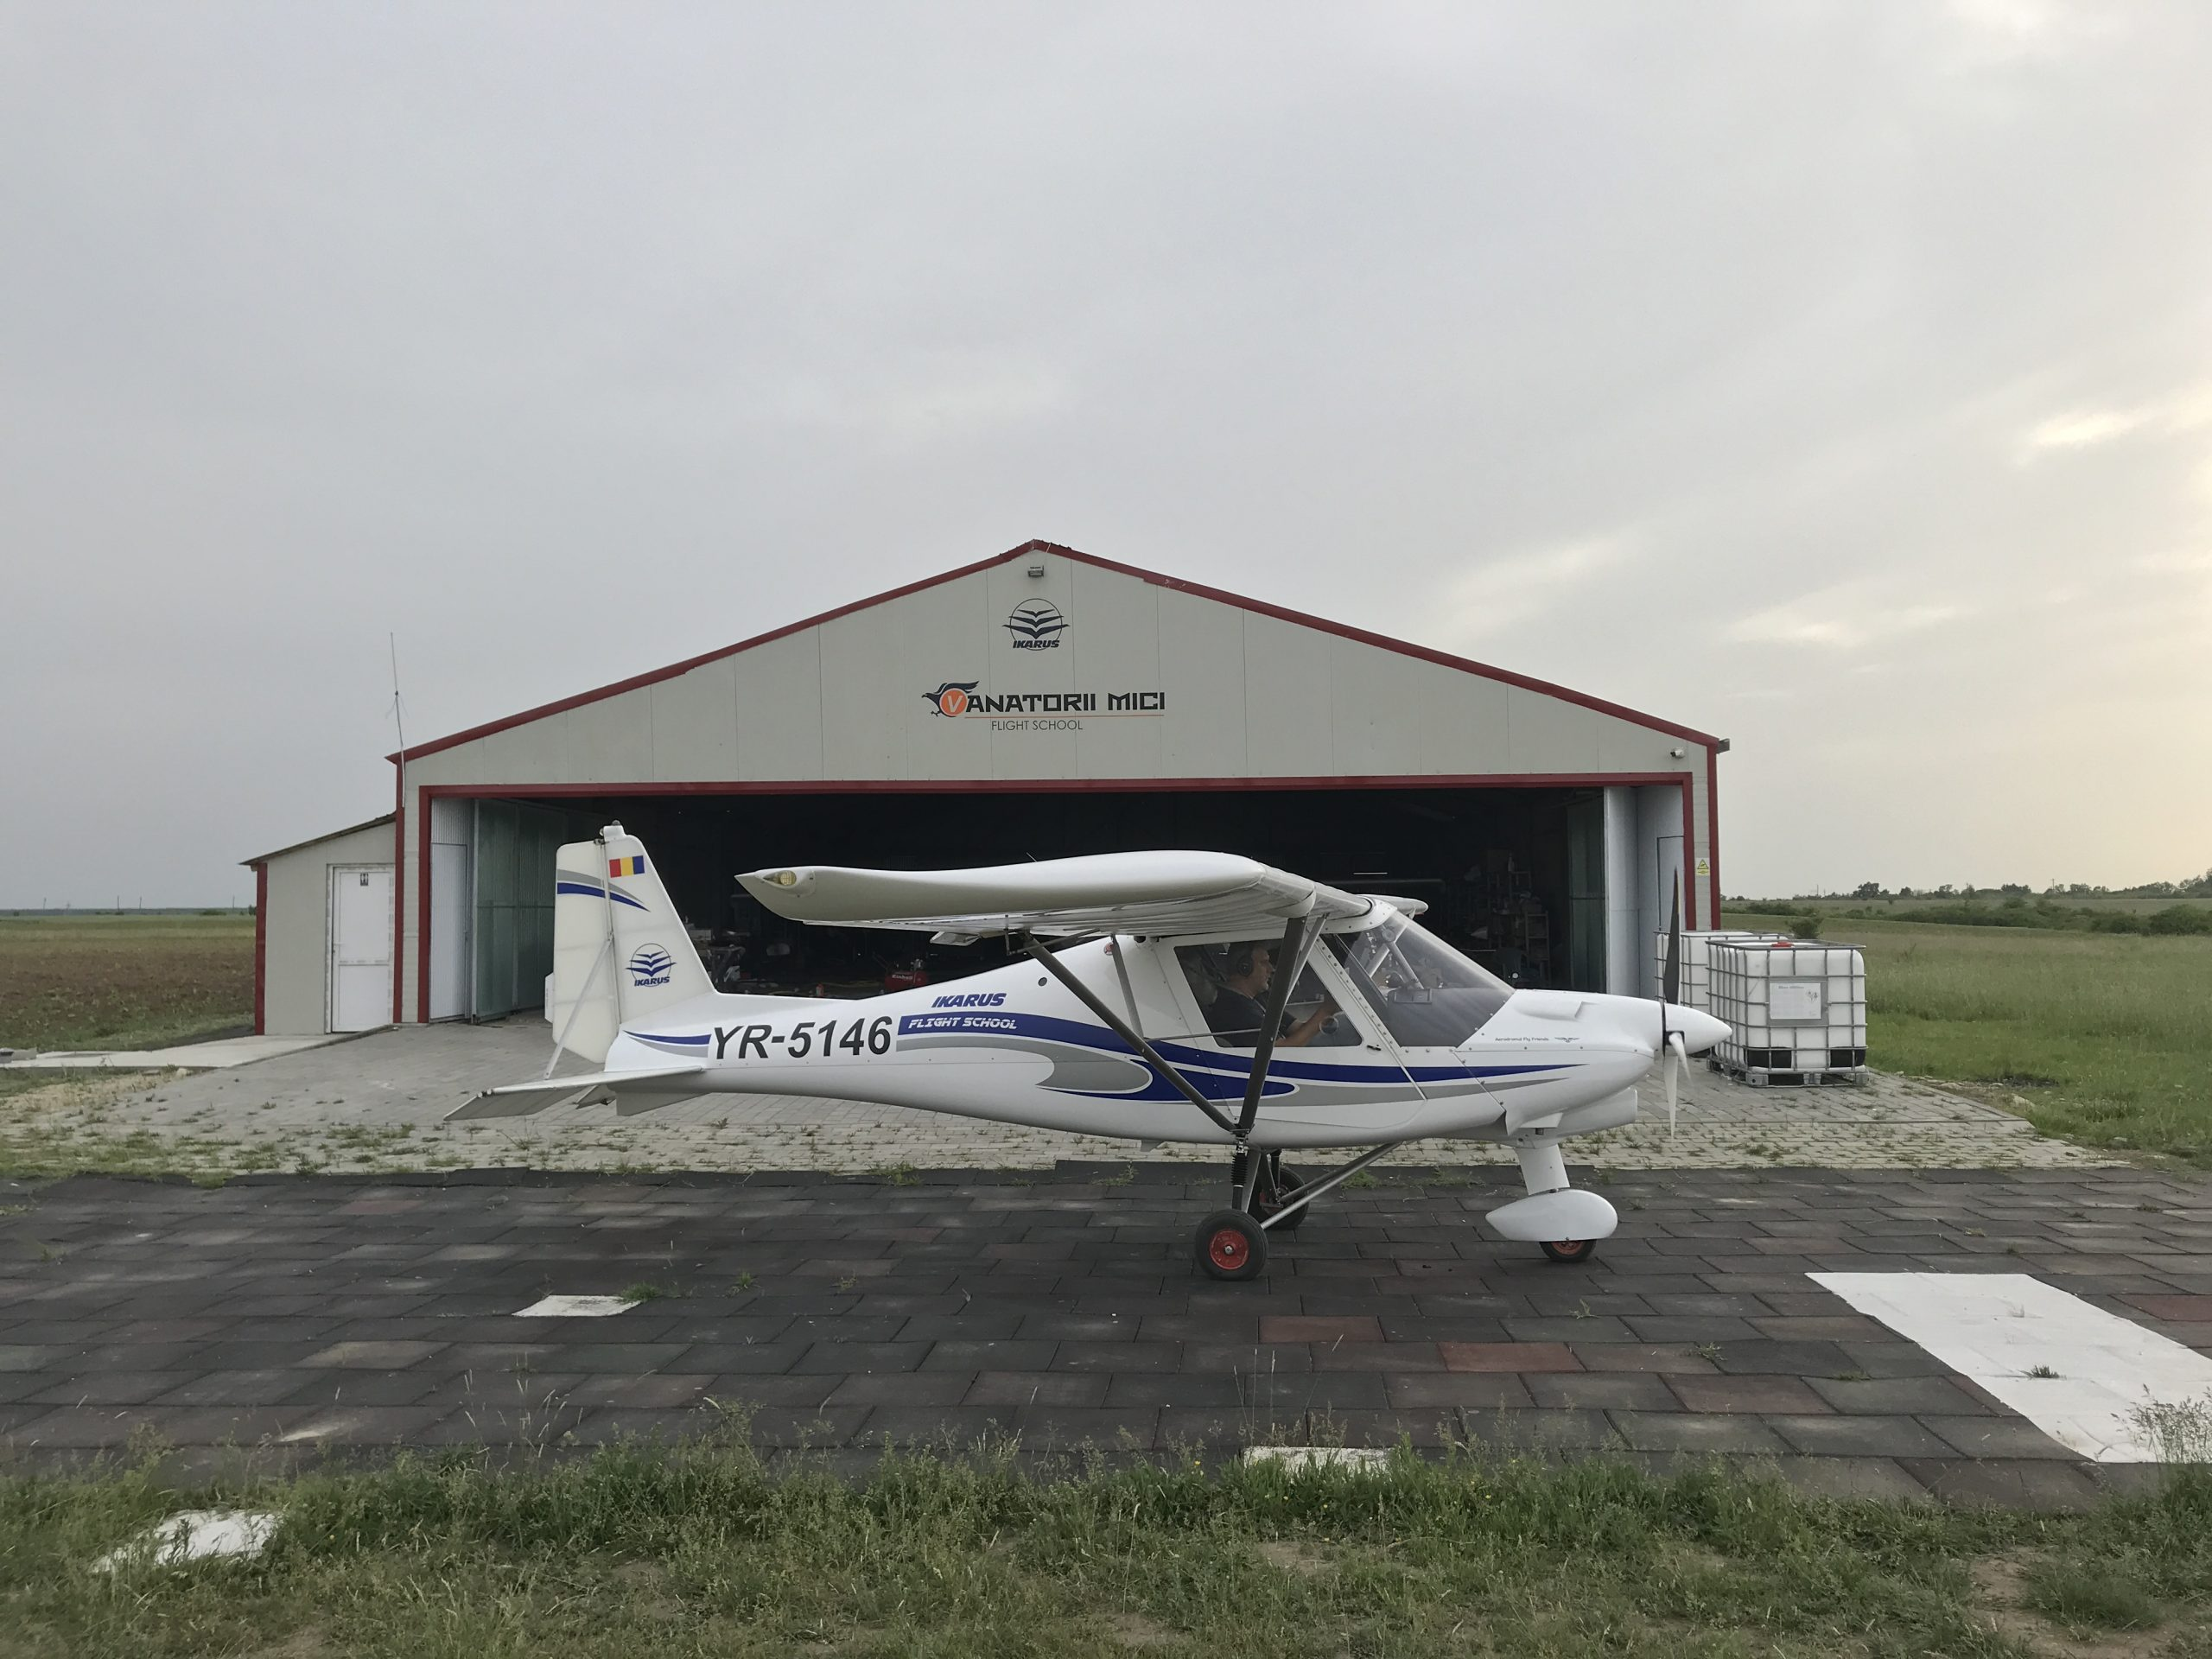 zbor cu avionul vanatorii mici